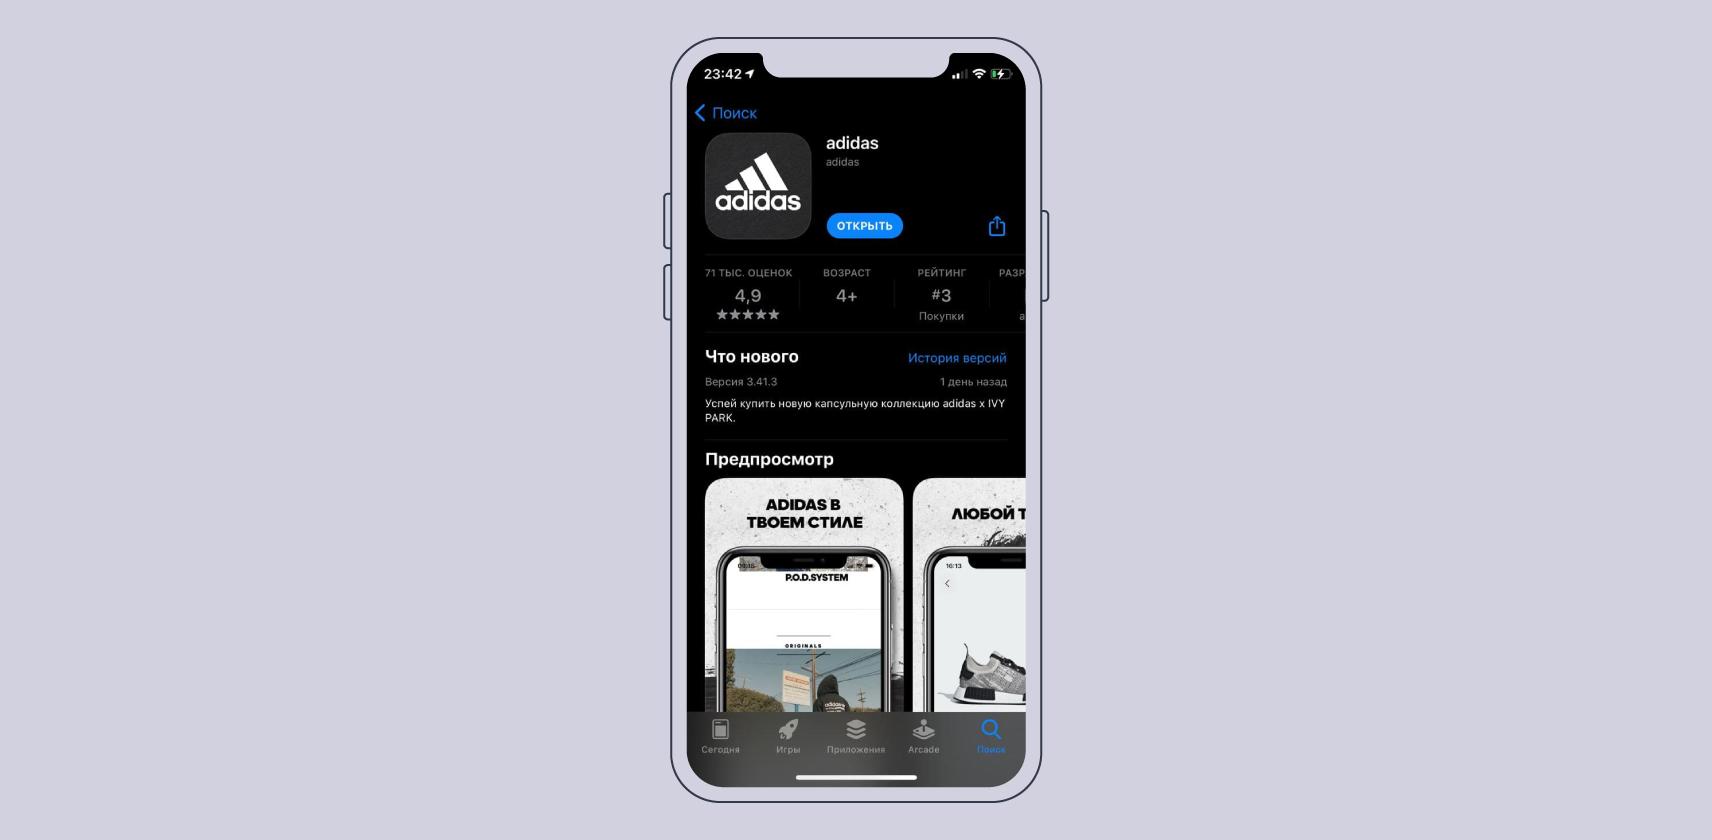 программа лояльности в приложении adidas